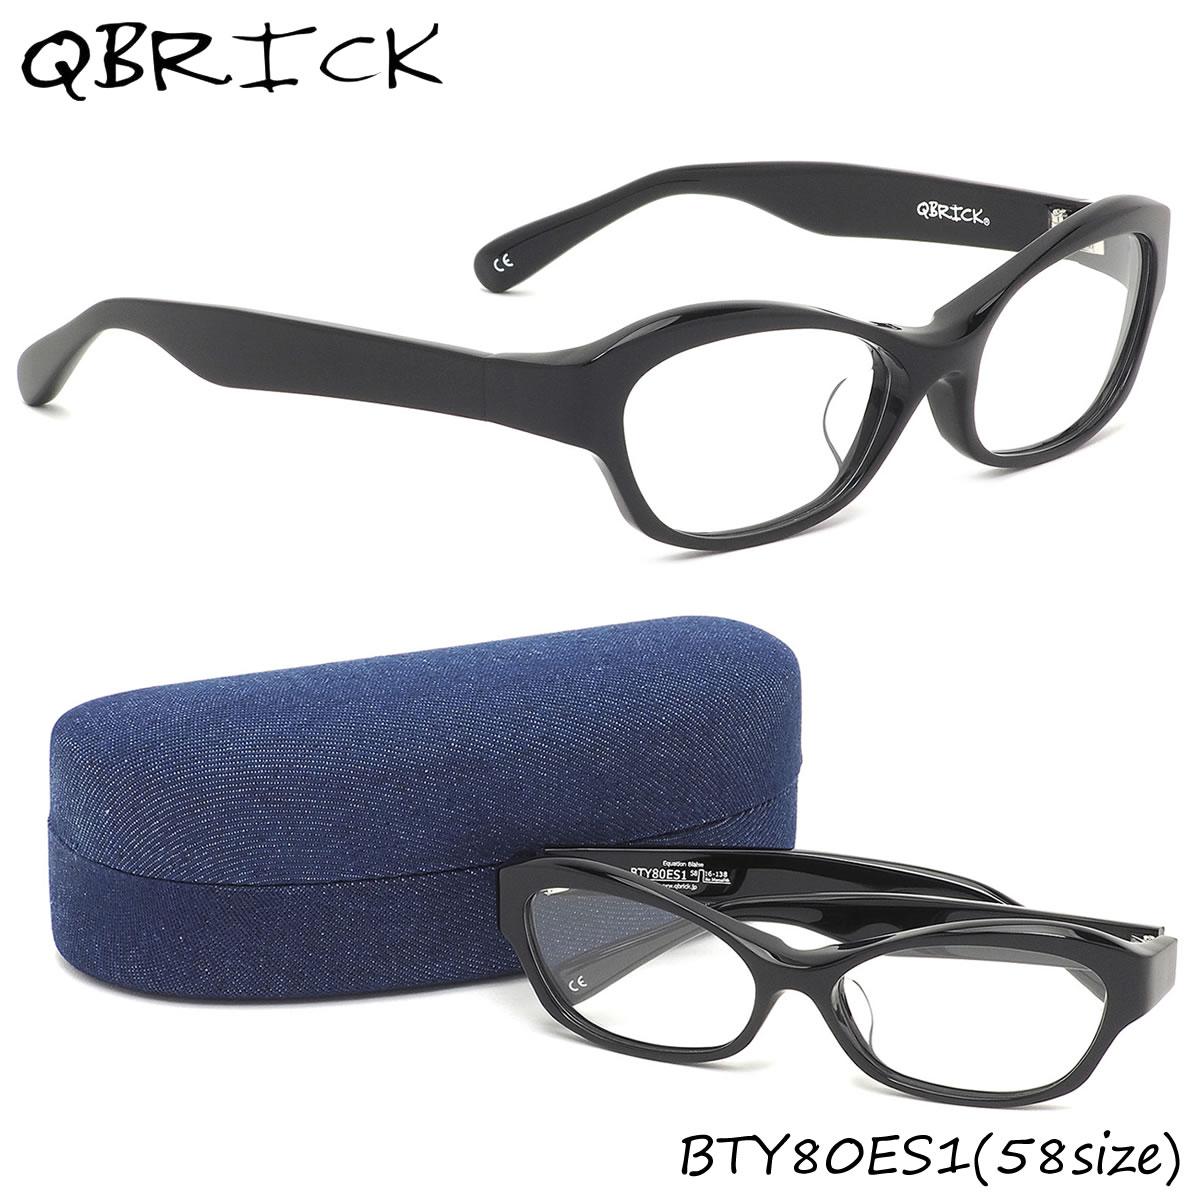 ほぼ全品ポイント15倍~最大34倍 キューブリック QBRICK メガネBTY80ES 1 58サイズBLAISE ブレーズ フォックス 黒縁メガネ メンズ レディース